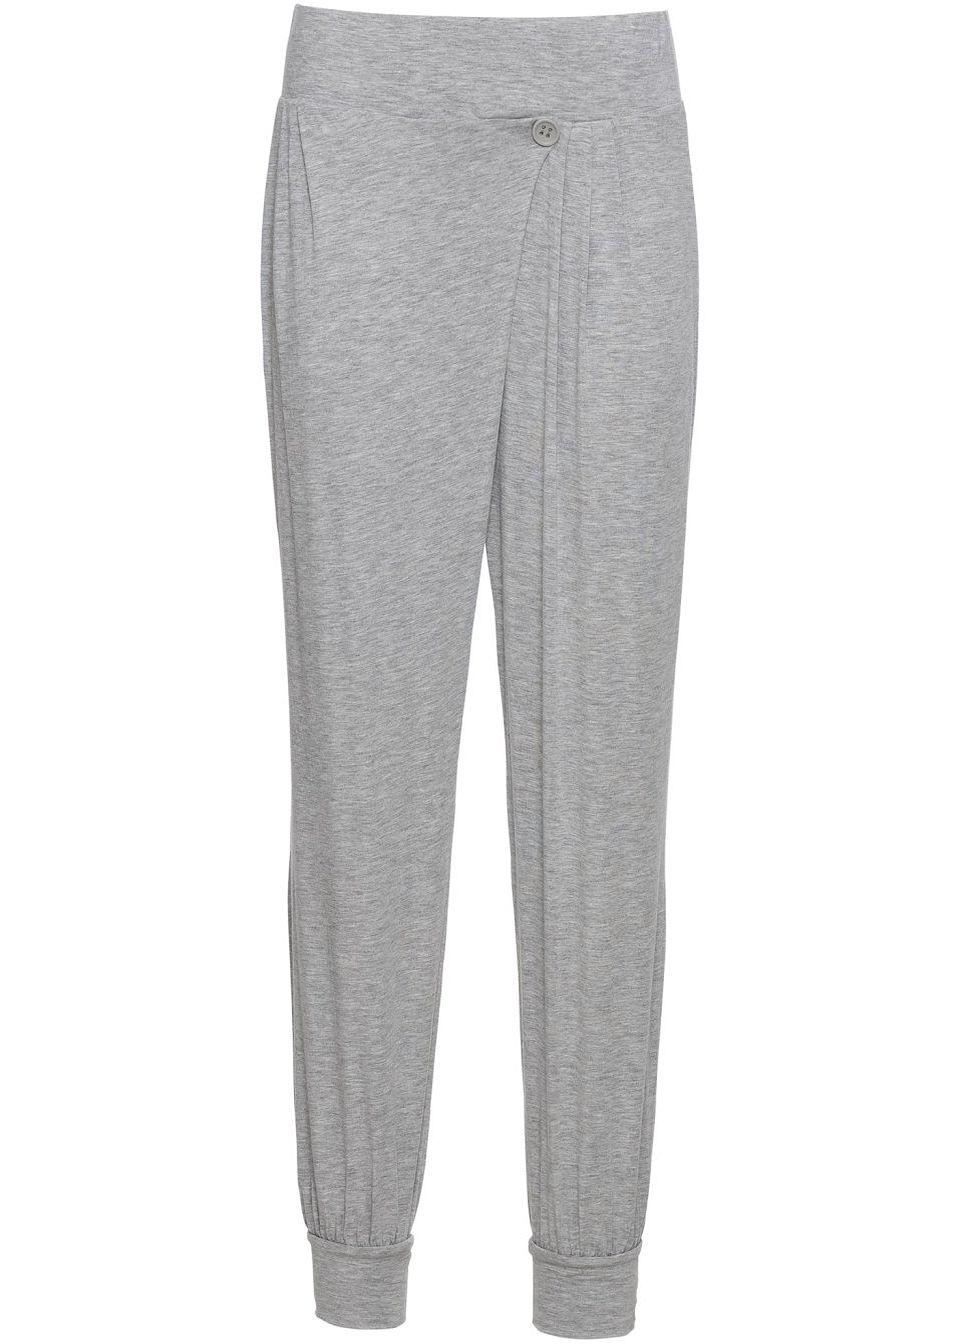 Pantaloni sport Jogg bonprix